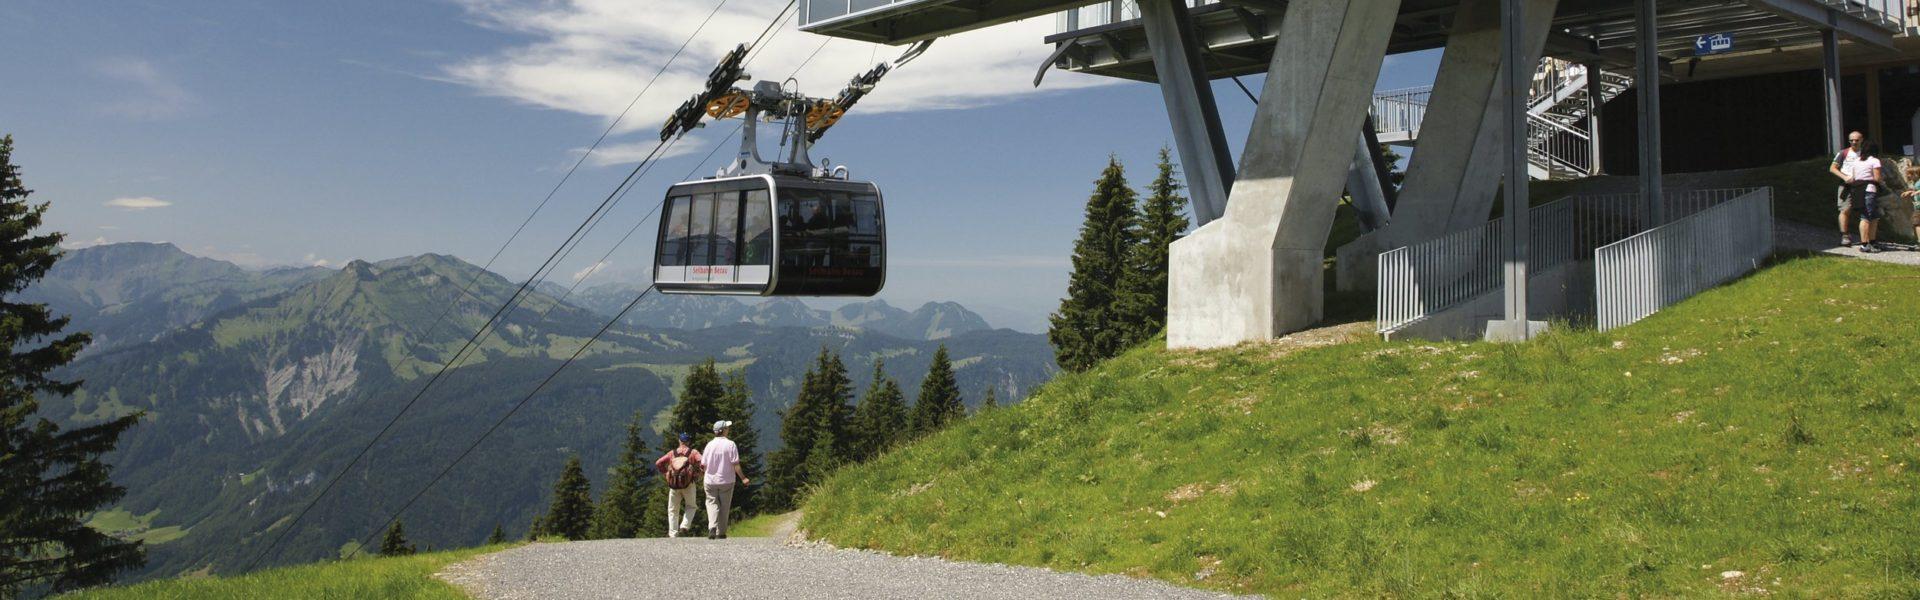 Wandern mit der Seilbahn, Bezau Bergstation (c) Seilbahn Bezau / Vorarlberg Tourismus